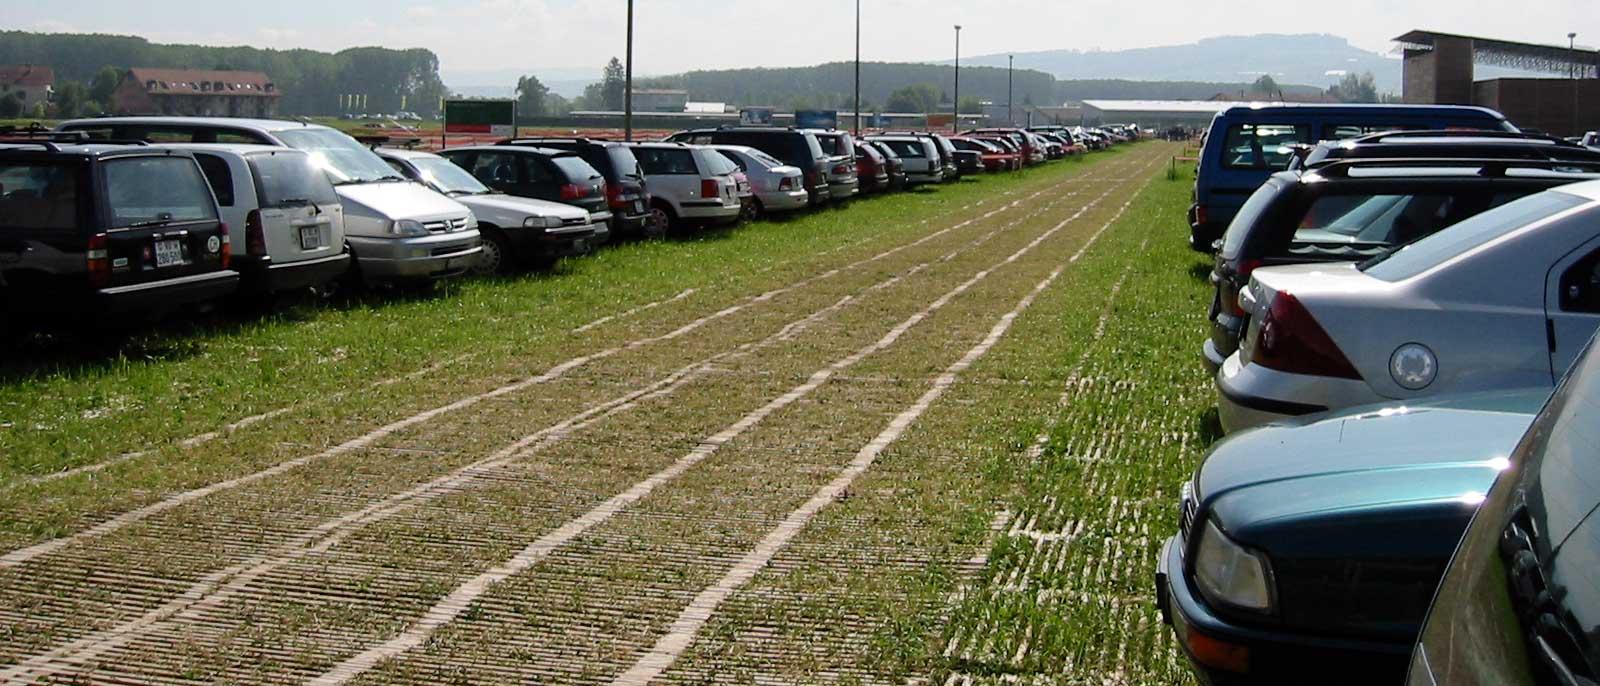 Zufahrt und Parkplatz auf landwirtschaftlichem Boden